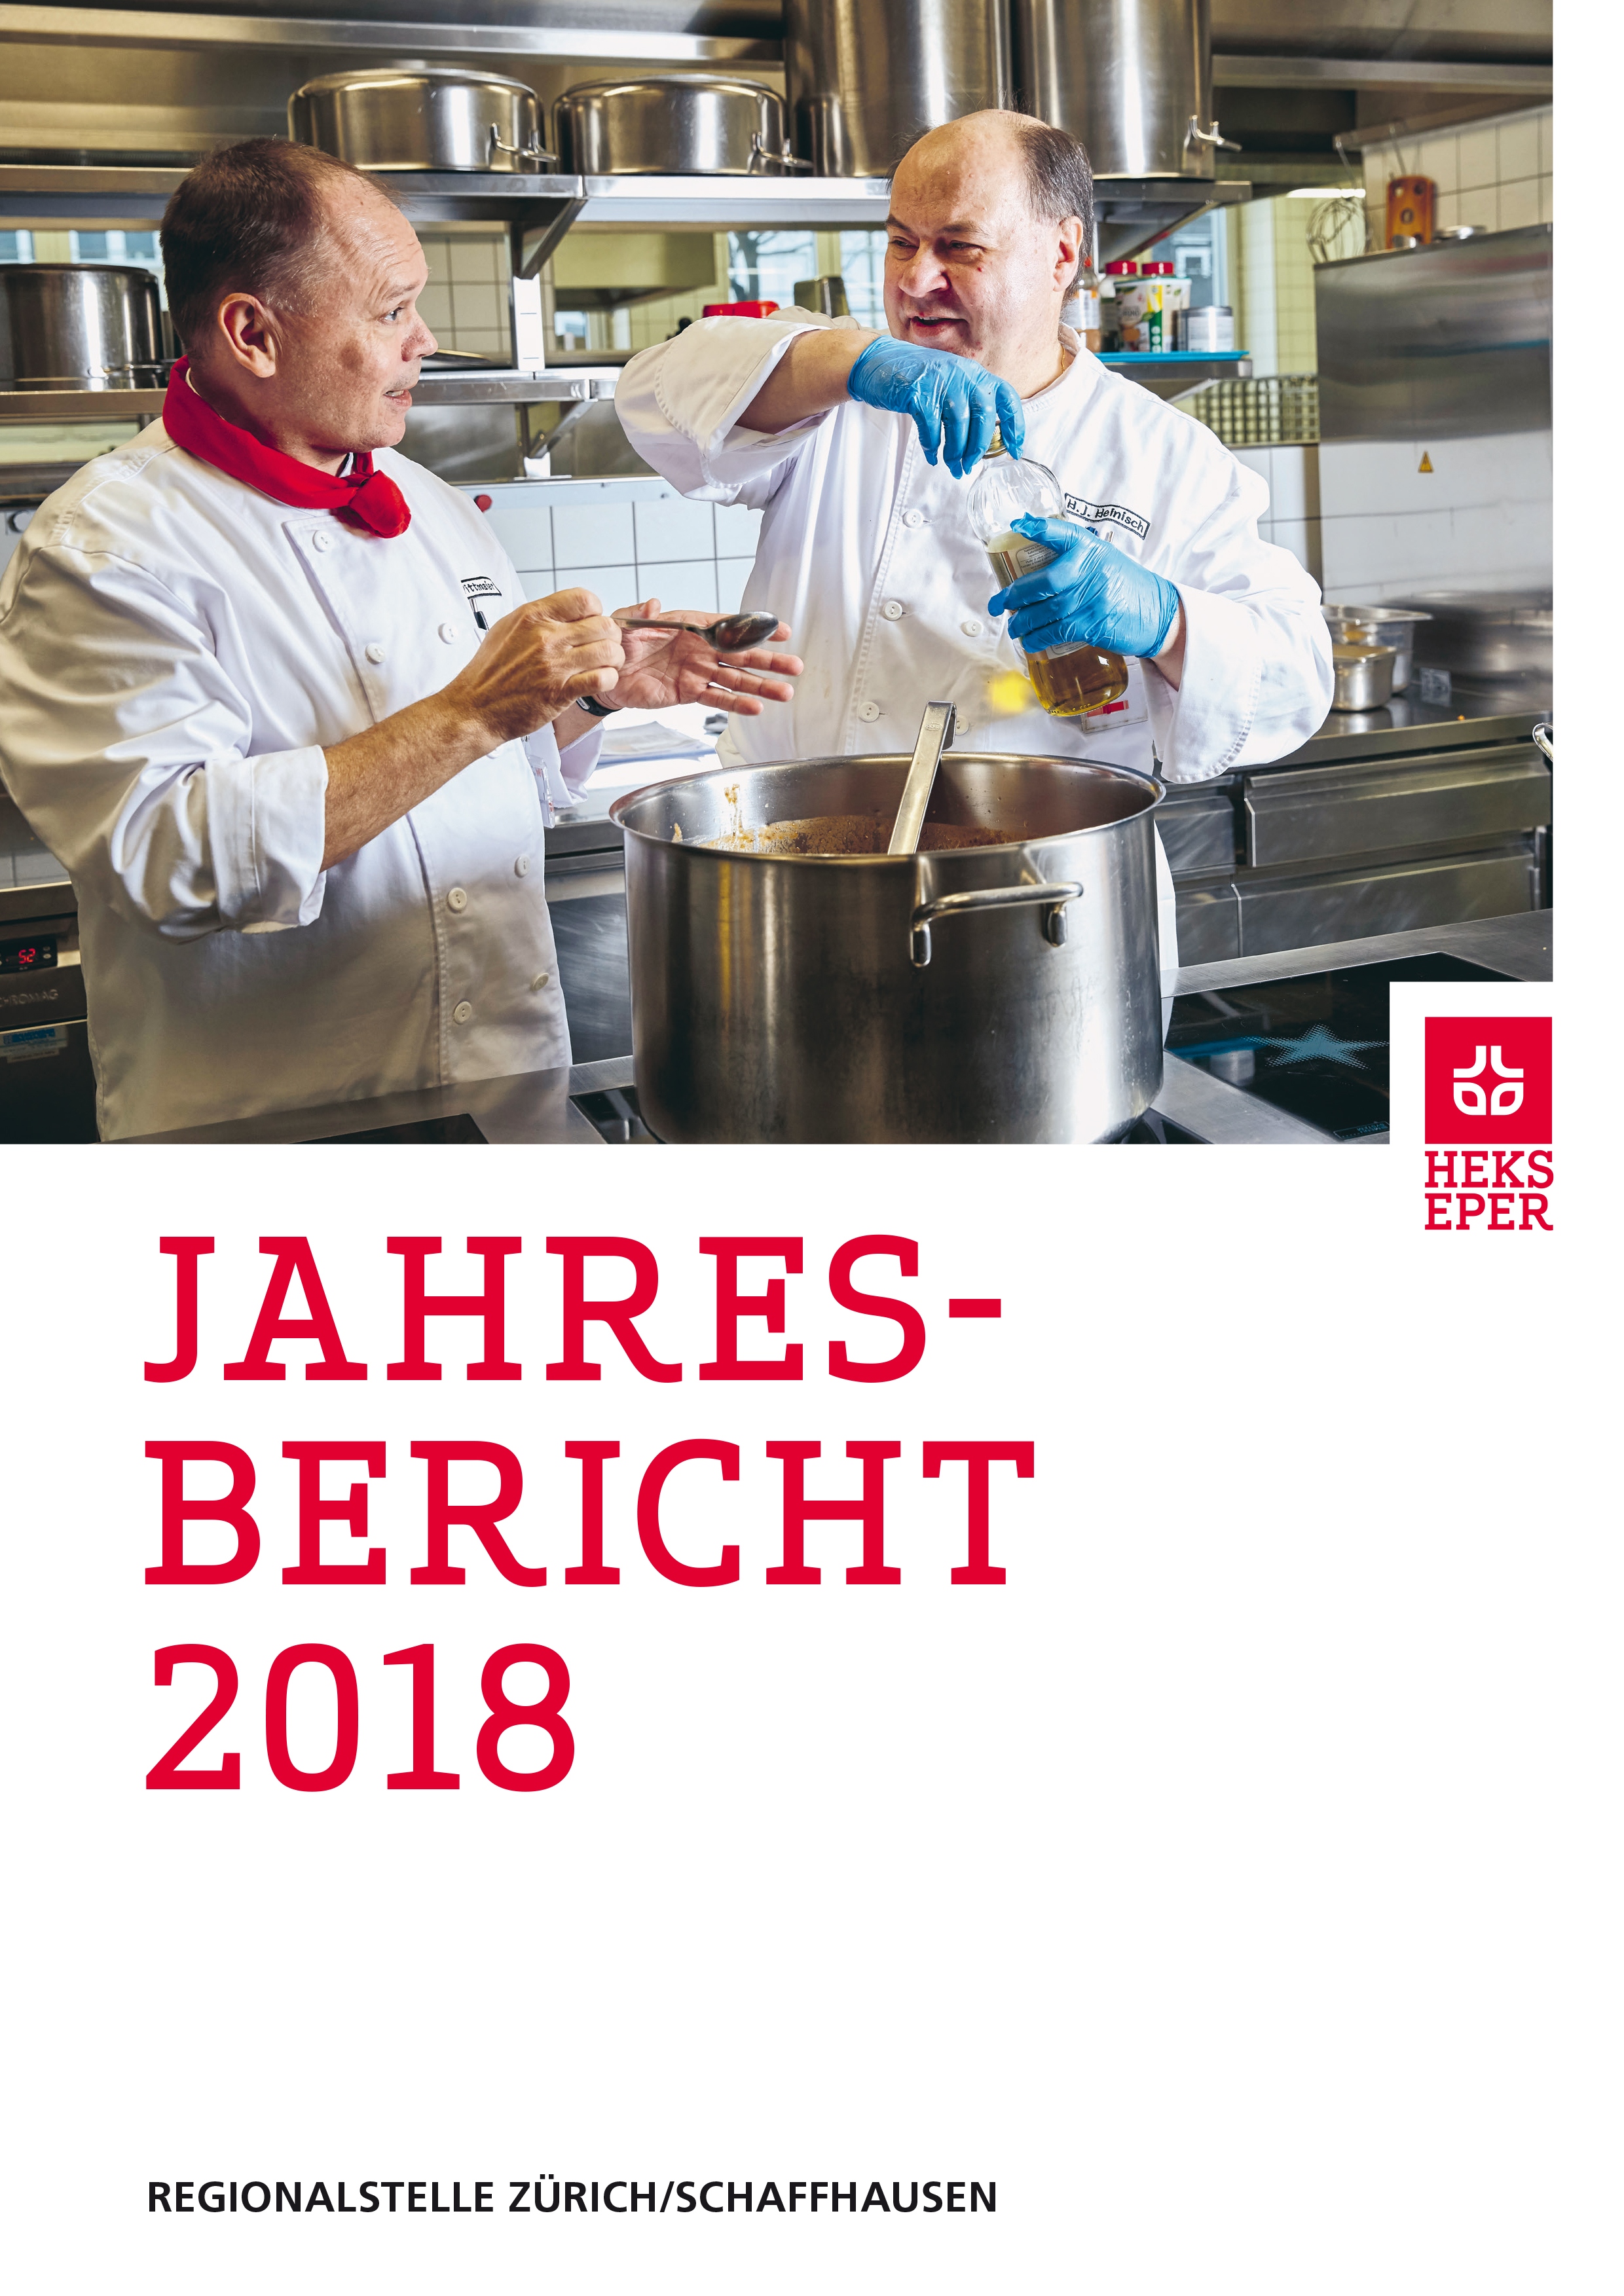 Jahresbericht HEKS Zürich